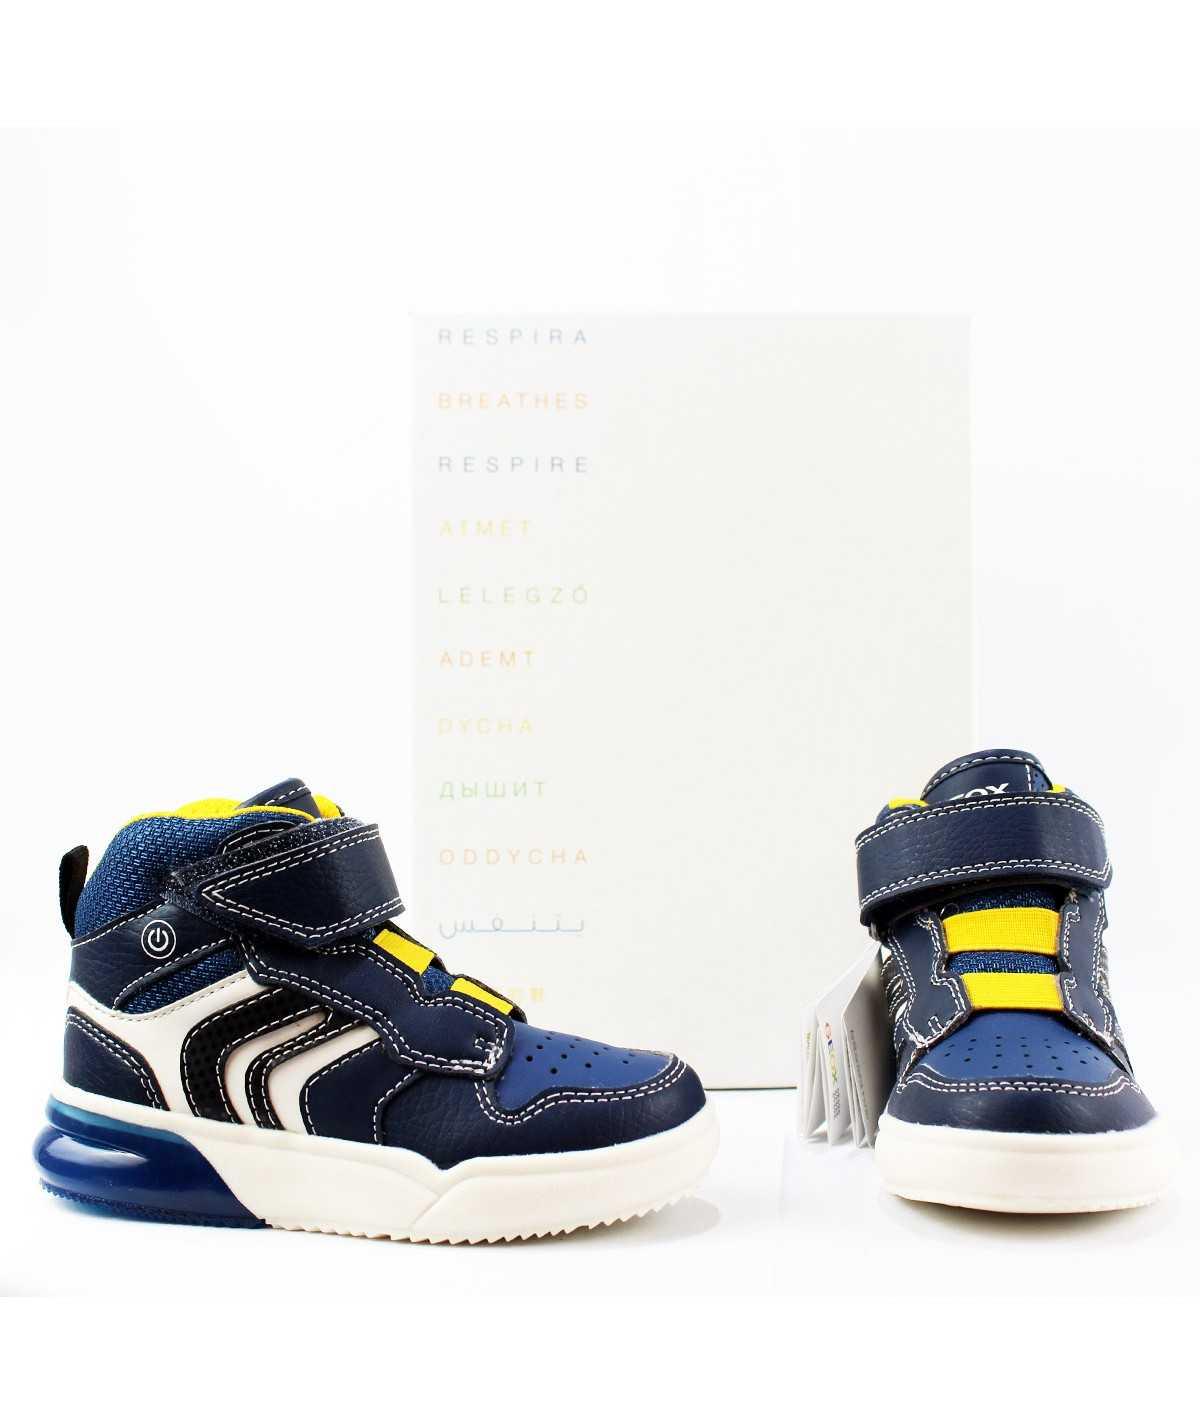 GEOX Sneaker luci